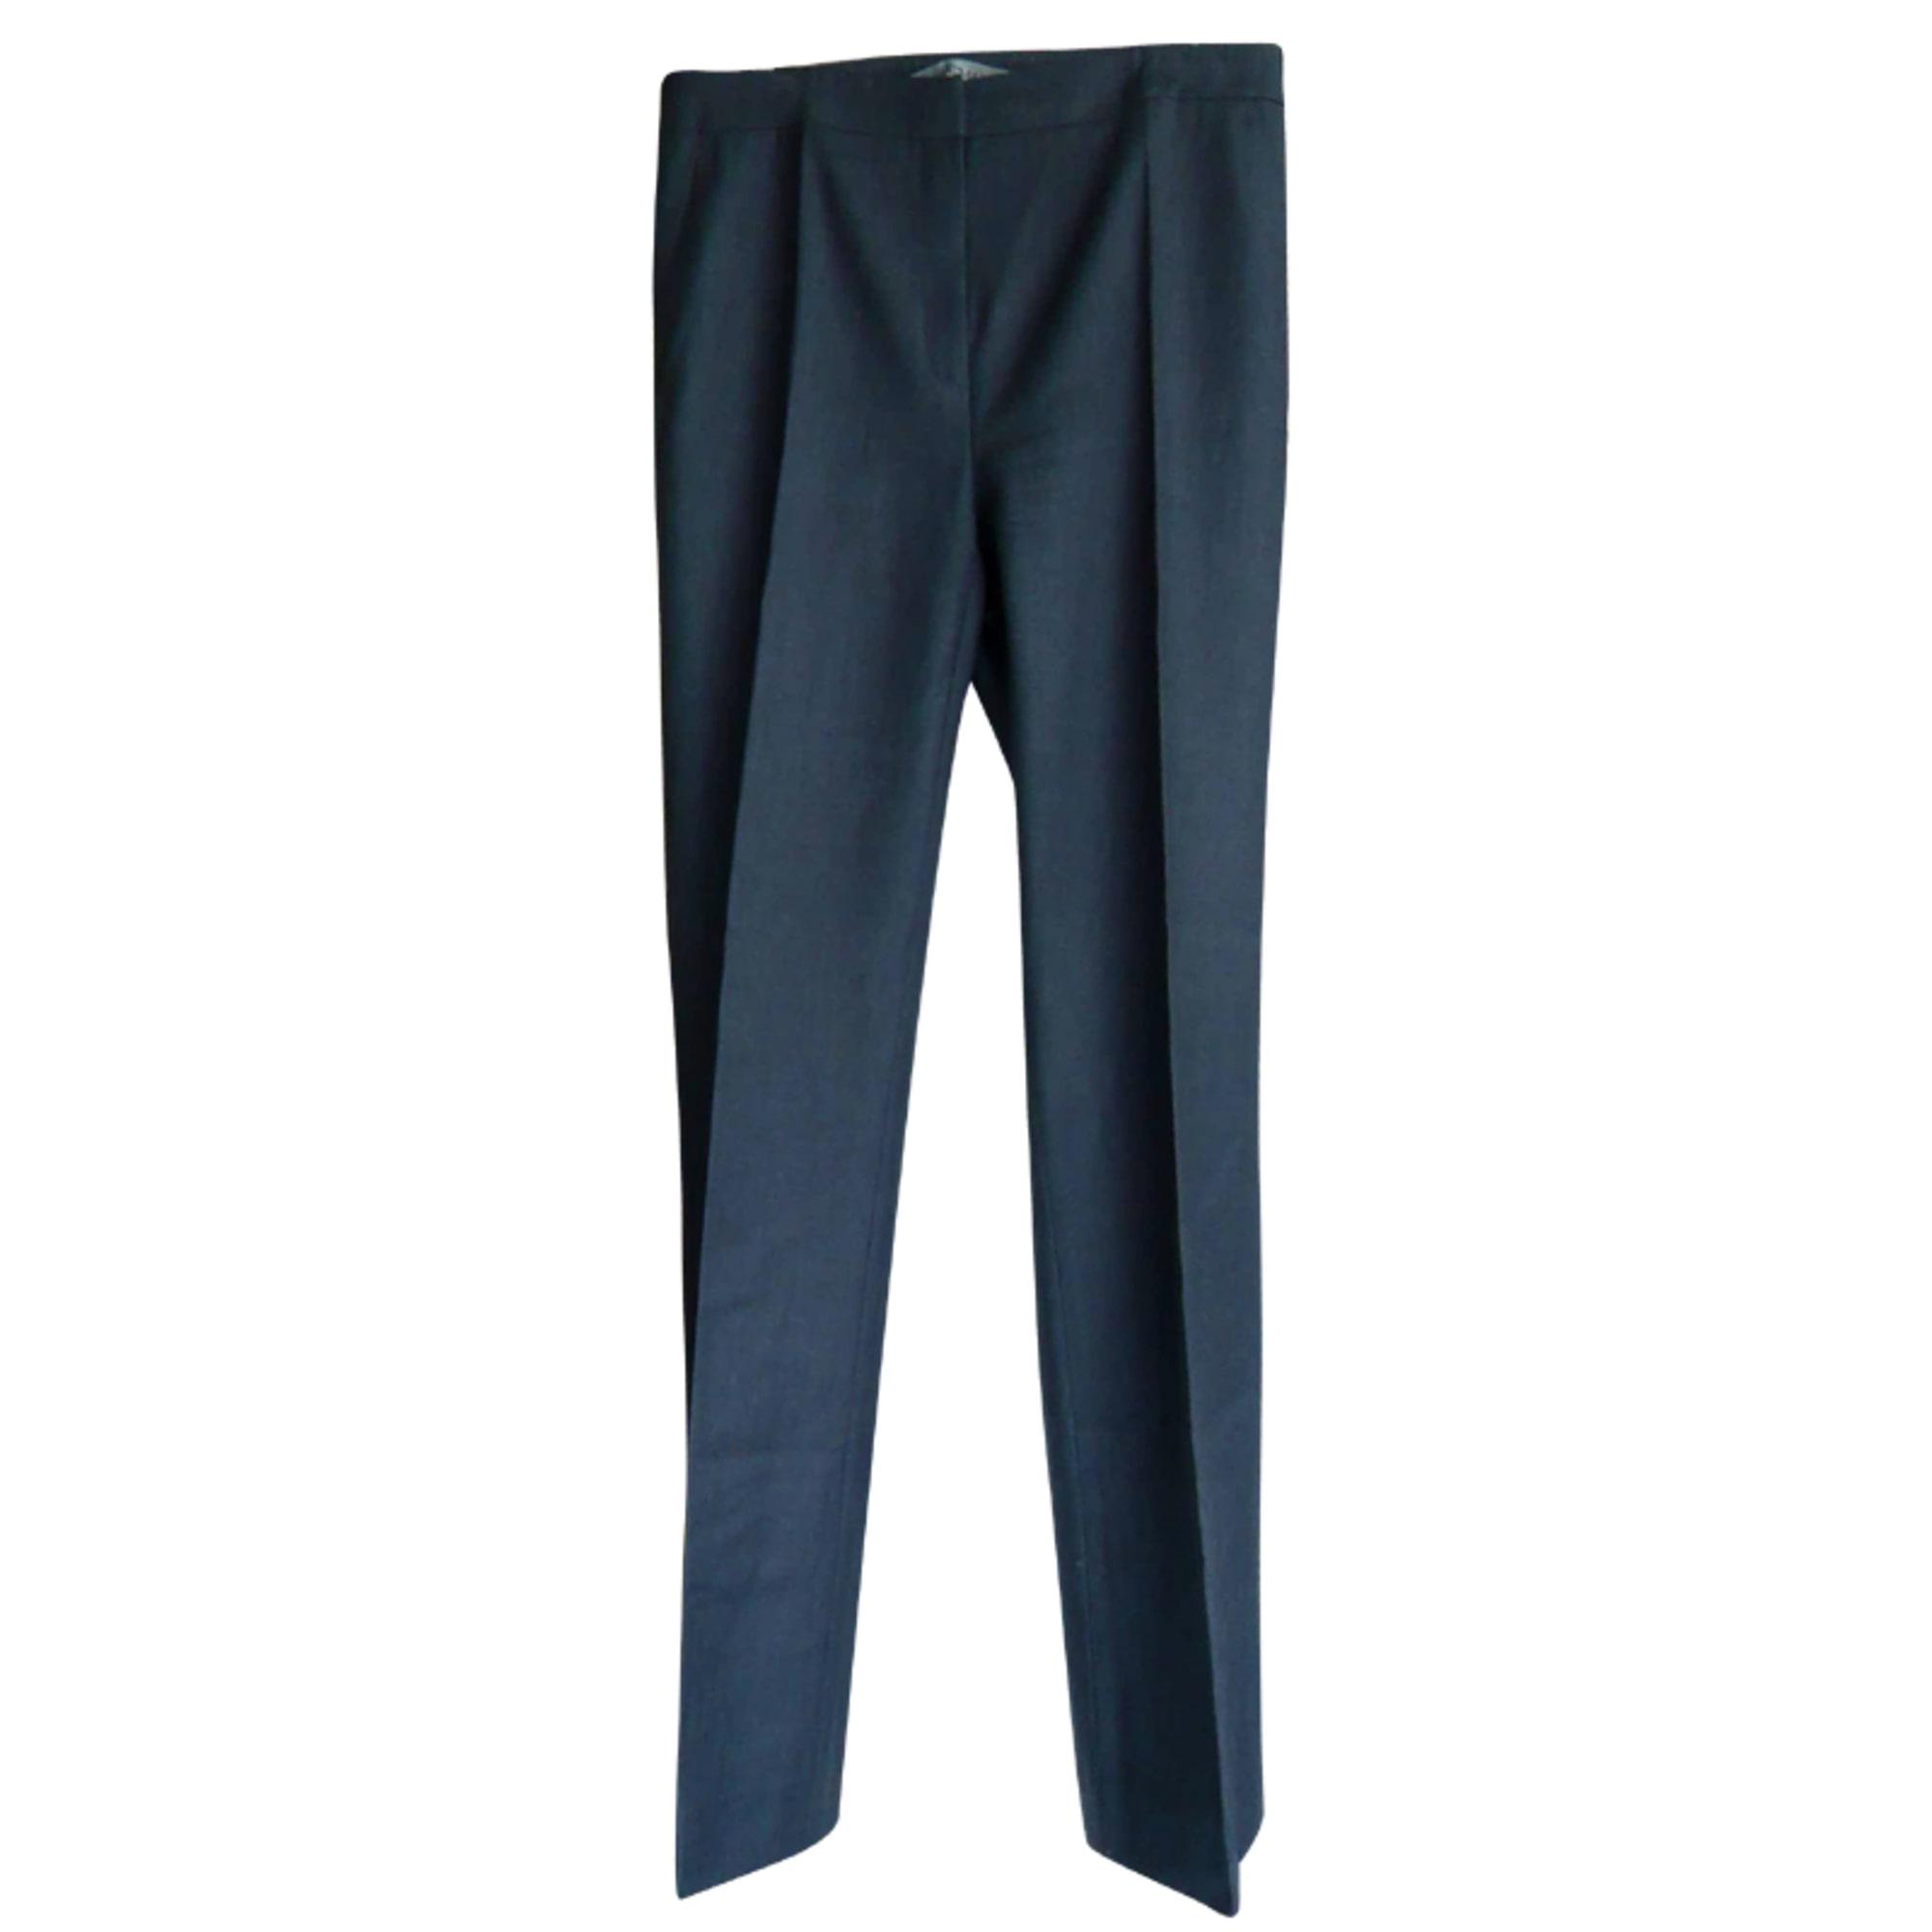 Pantalon droit SPORTMAX Gris, anthracite